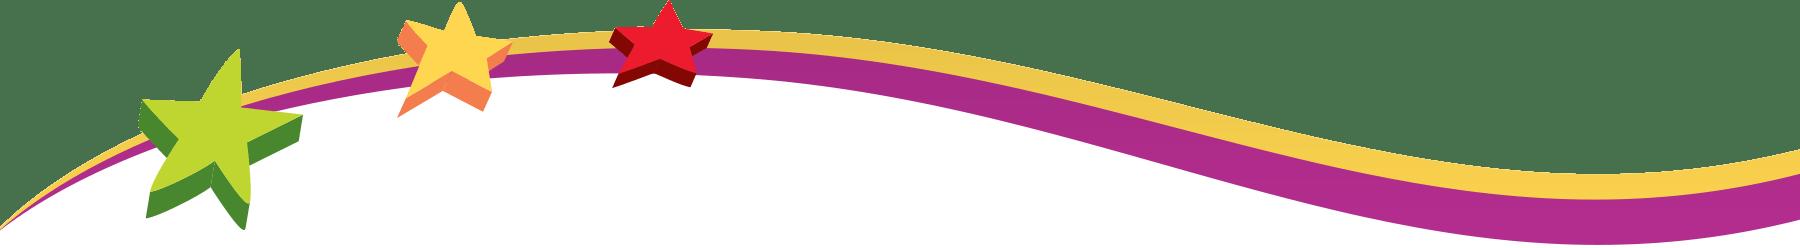 bgbottom-banner-min